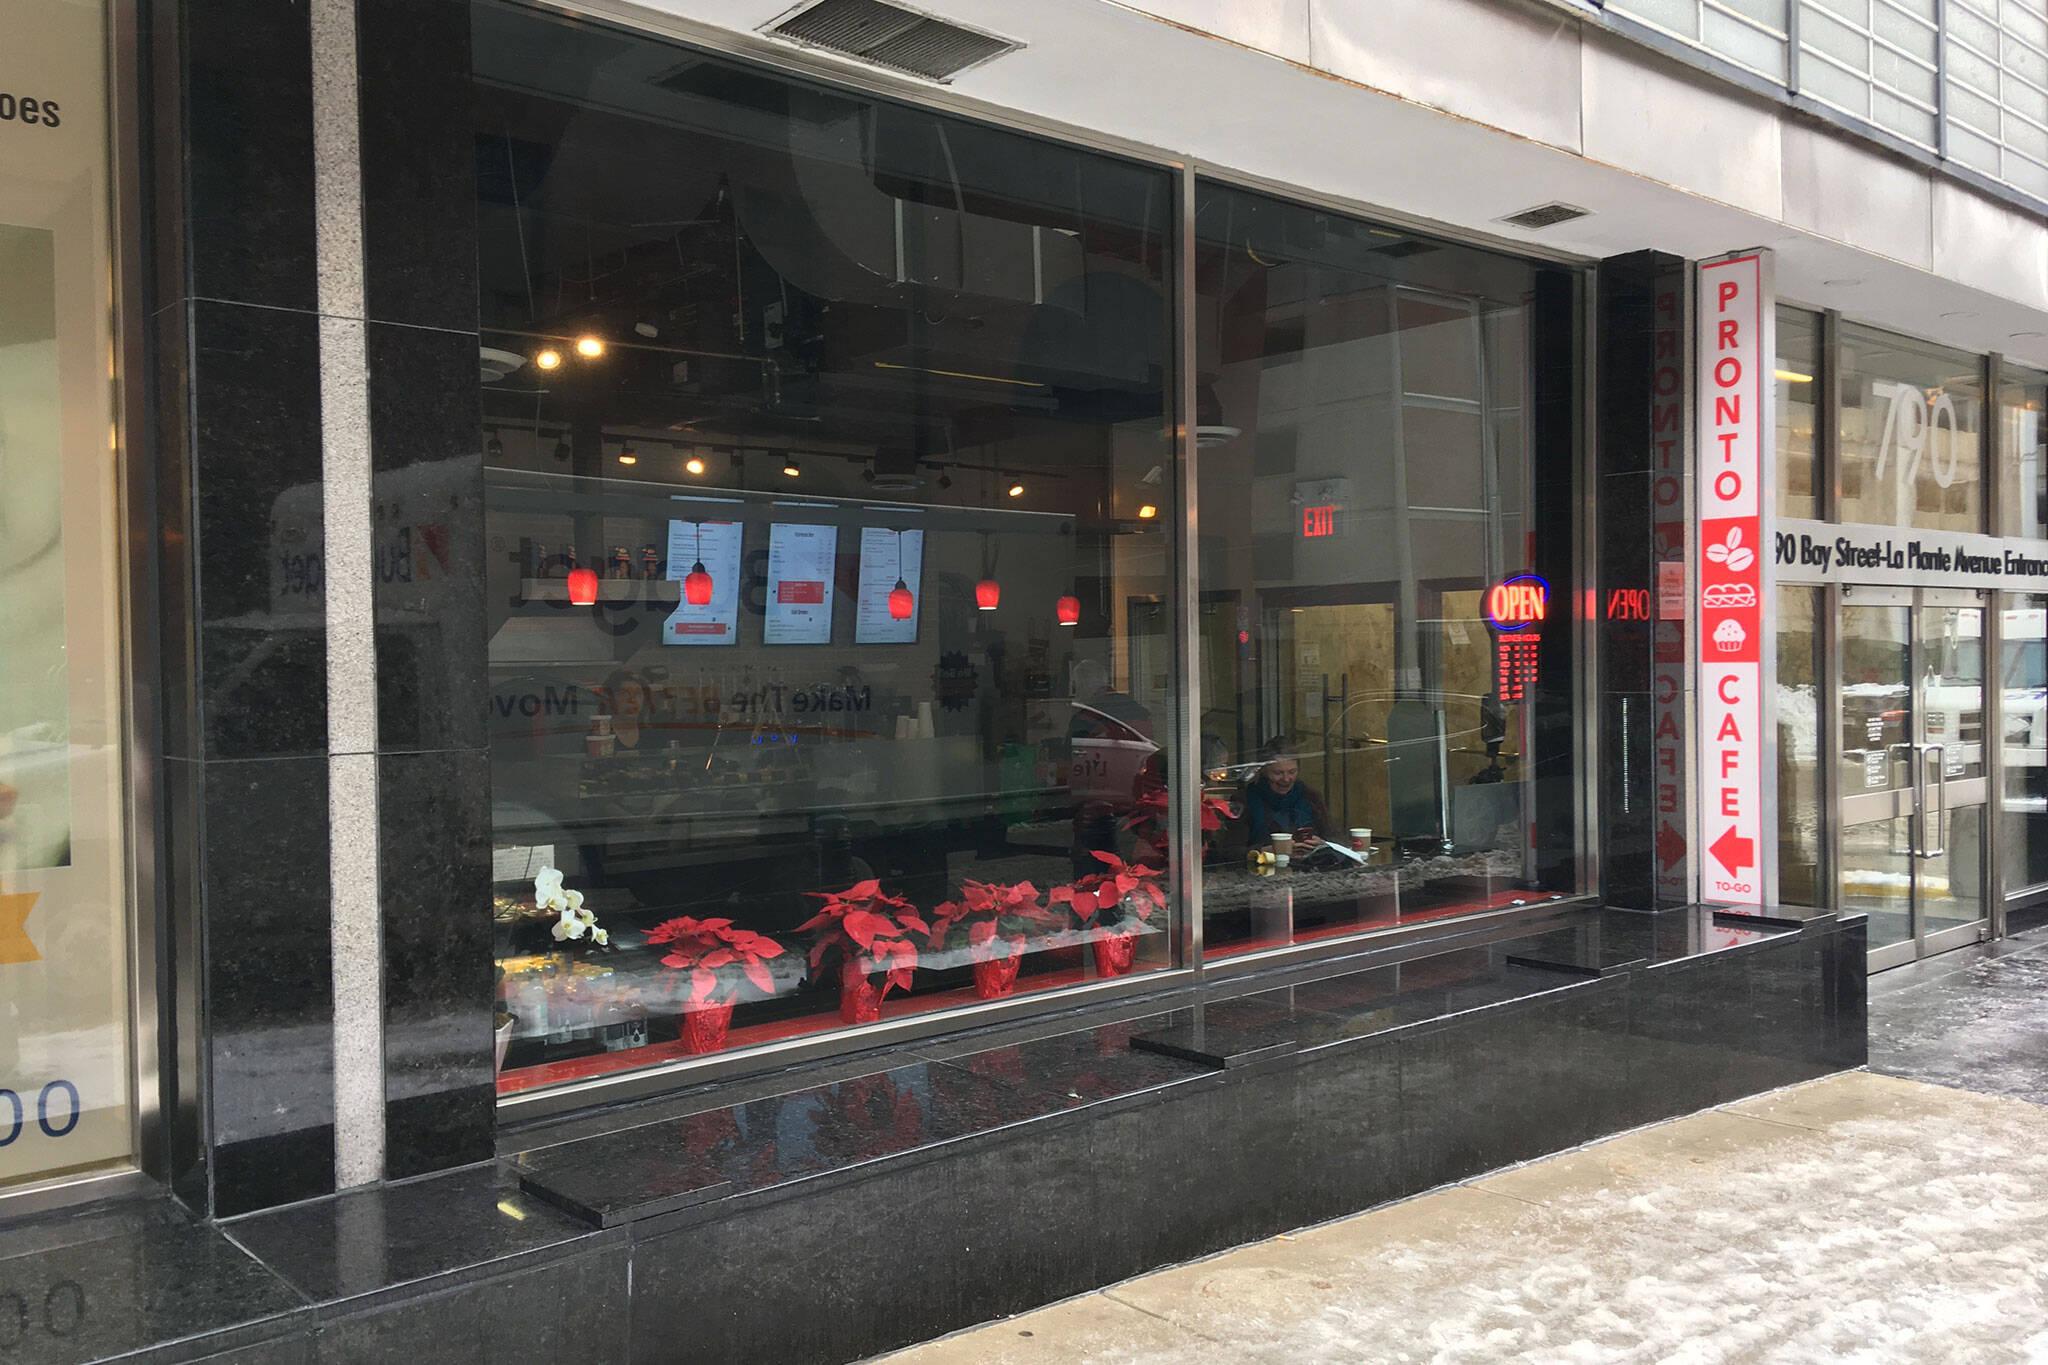 Pronto Cafe Toronto